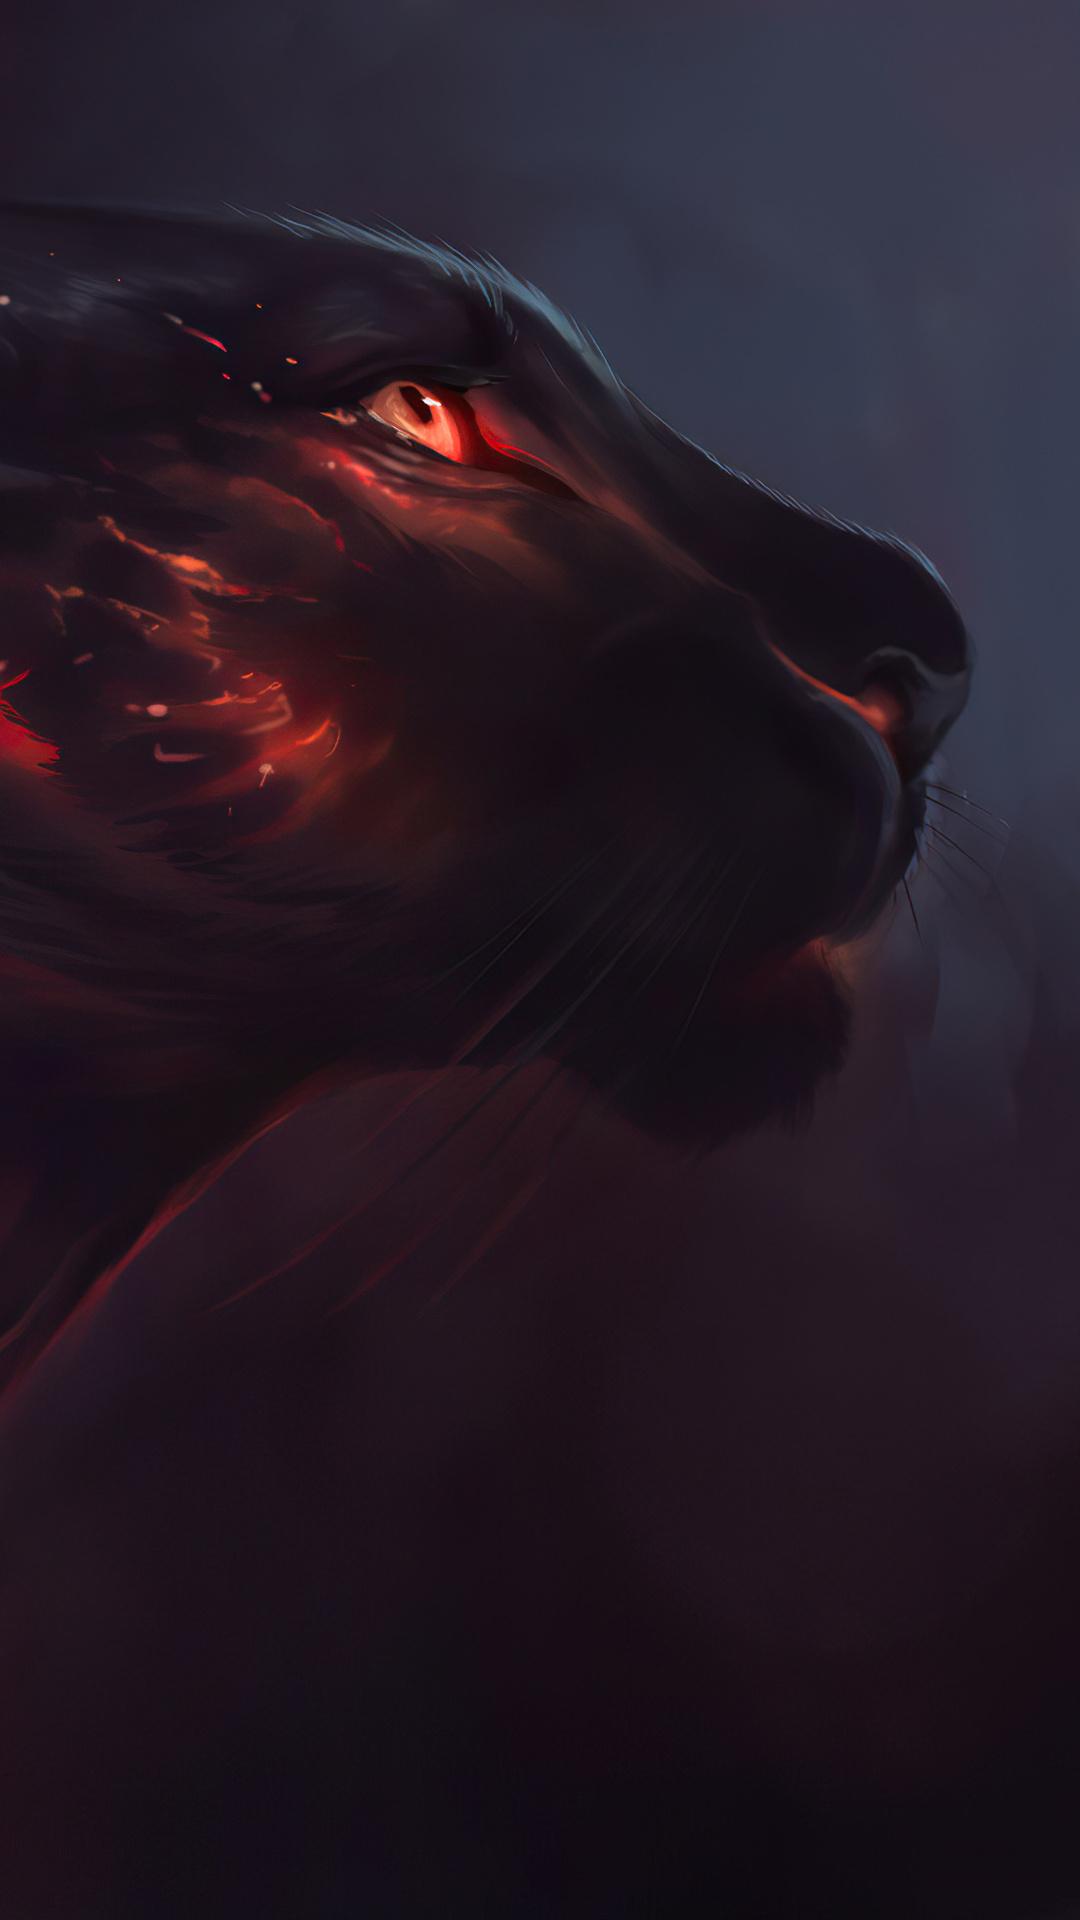 Wallpaper Fantasy Black Tiger 4k